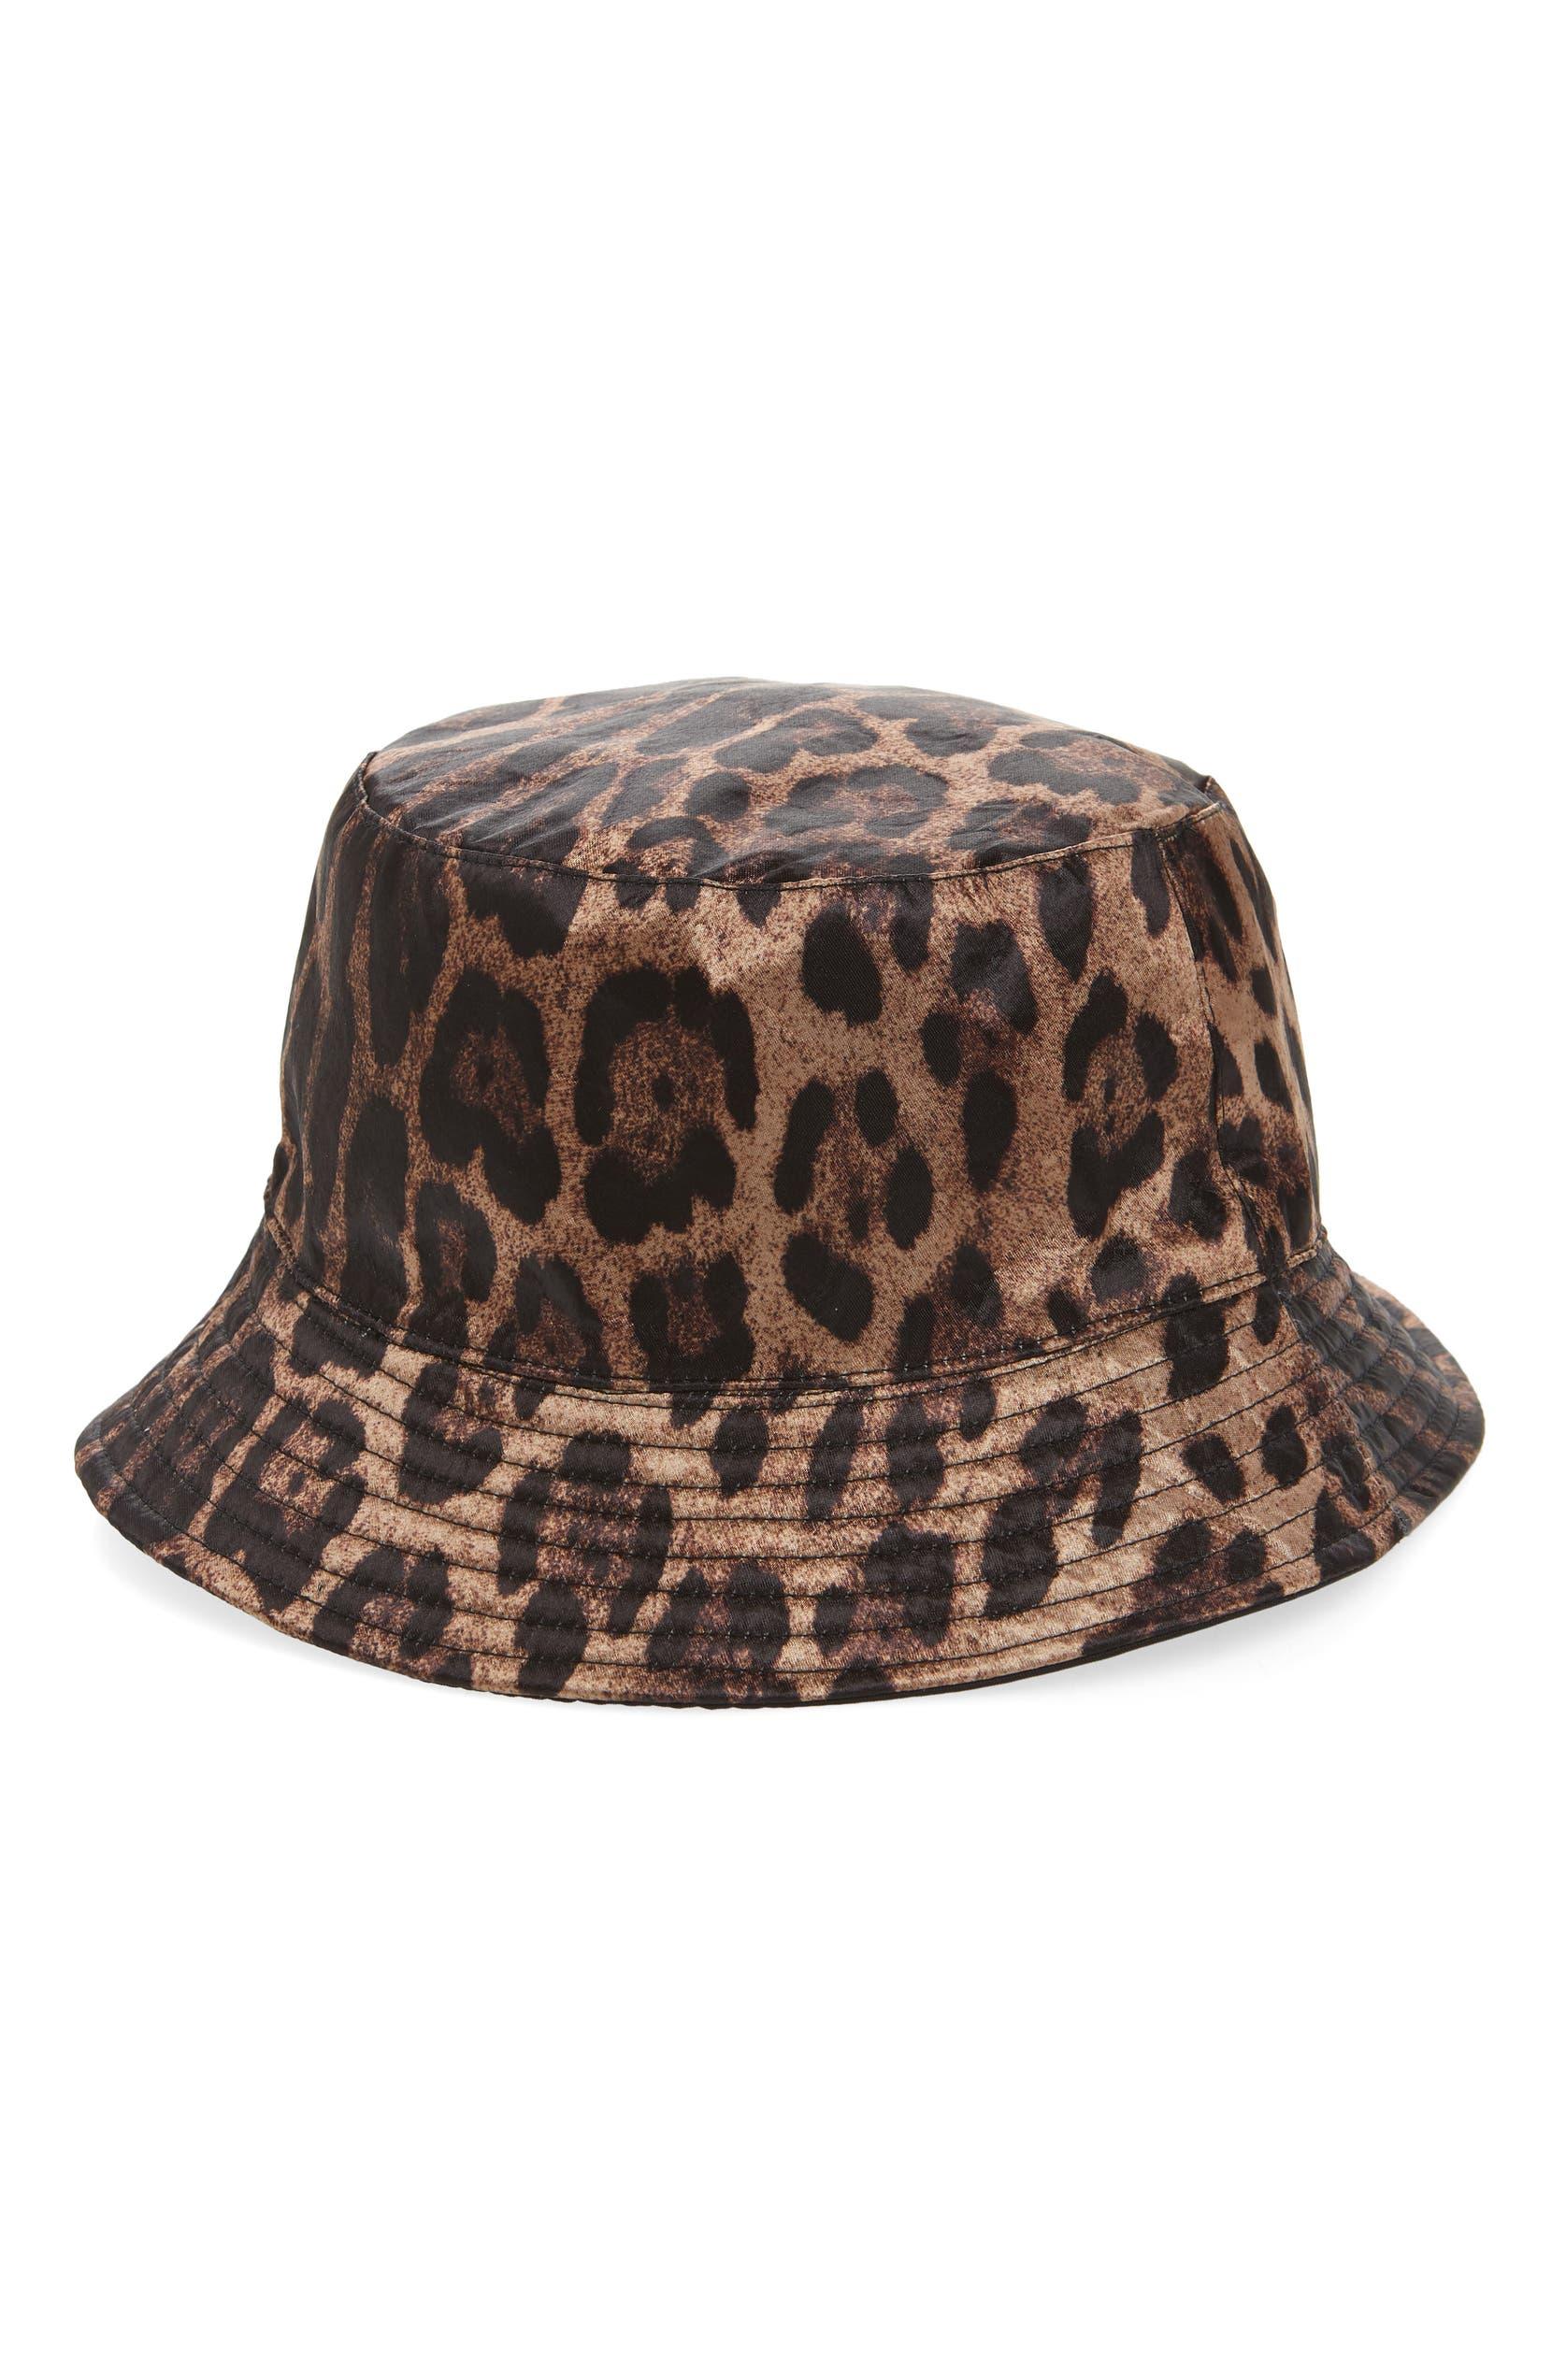 Steve Madden Leopard Spot Reversible Bucket Hat  b69476a70d0c